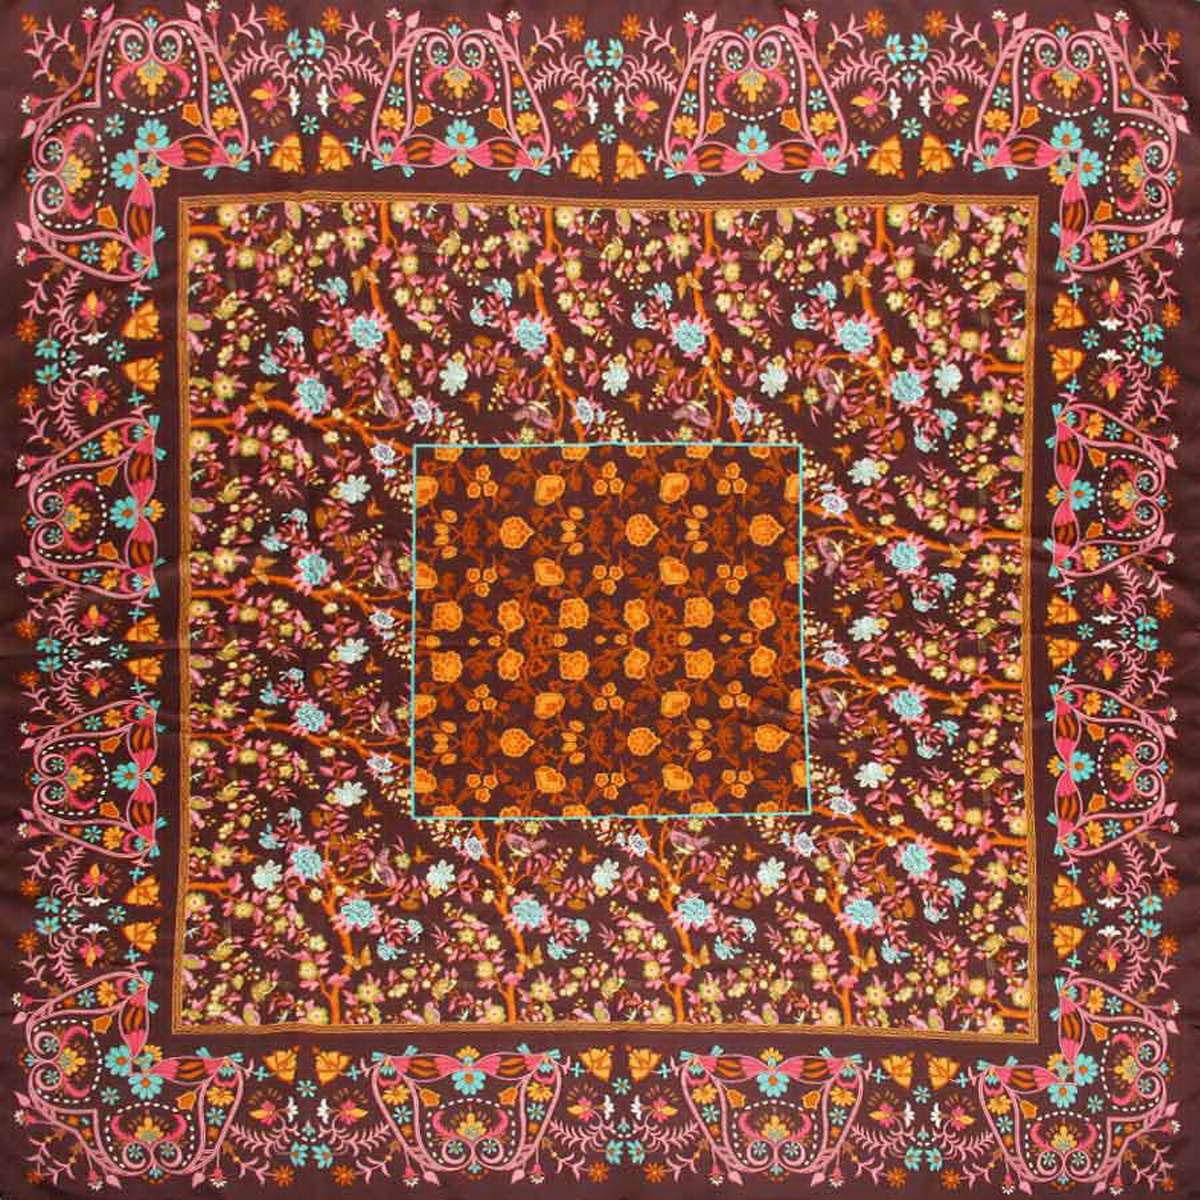 Платок женский Venera, цвет: темно-коричневый, розовый, коричневый. 3904972-29. Размер 90 см х 90 см3904972-29Стильный женский платок Venera станет великолепным завершением любого наряда. Платок, изготовленный из полиэстера, оформлен цветочный принтом. Классическая квадратная форма позволяет носить платок на шее, украшать им прическу или декорировать сумочку. Легкий и приятный на ощупь платок поможет вам создать изысканный женственный образ. Такой платок превосходно дополнит любой наряд и подчеркнет ваш неповторимый вкус и элегантность.